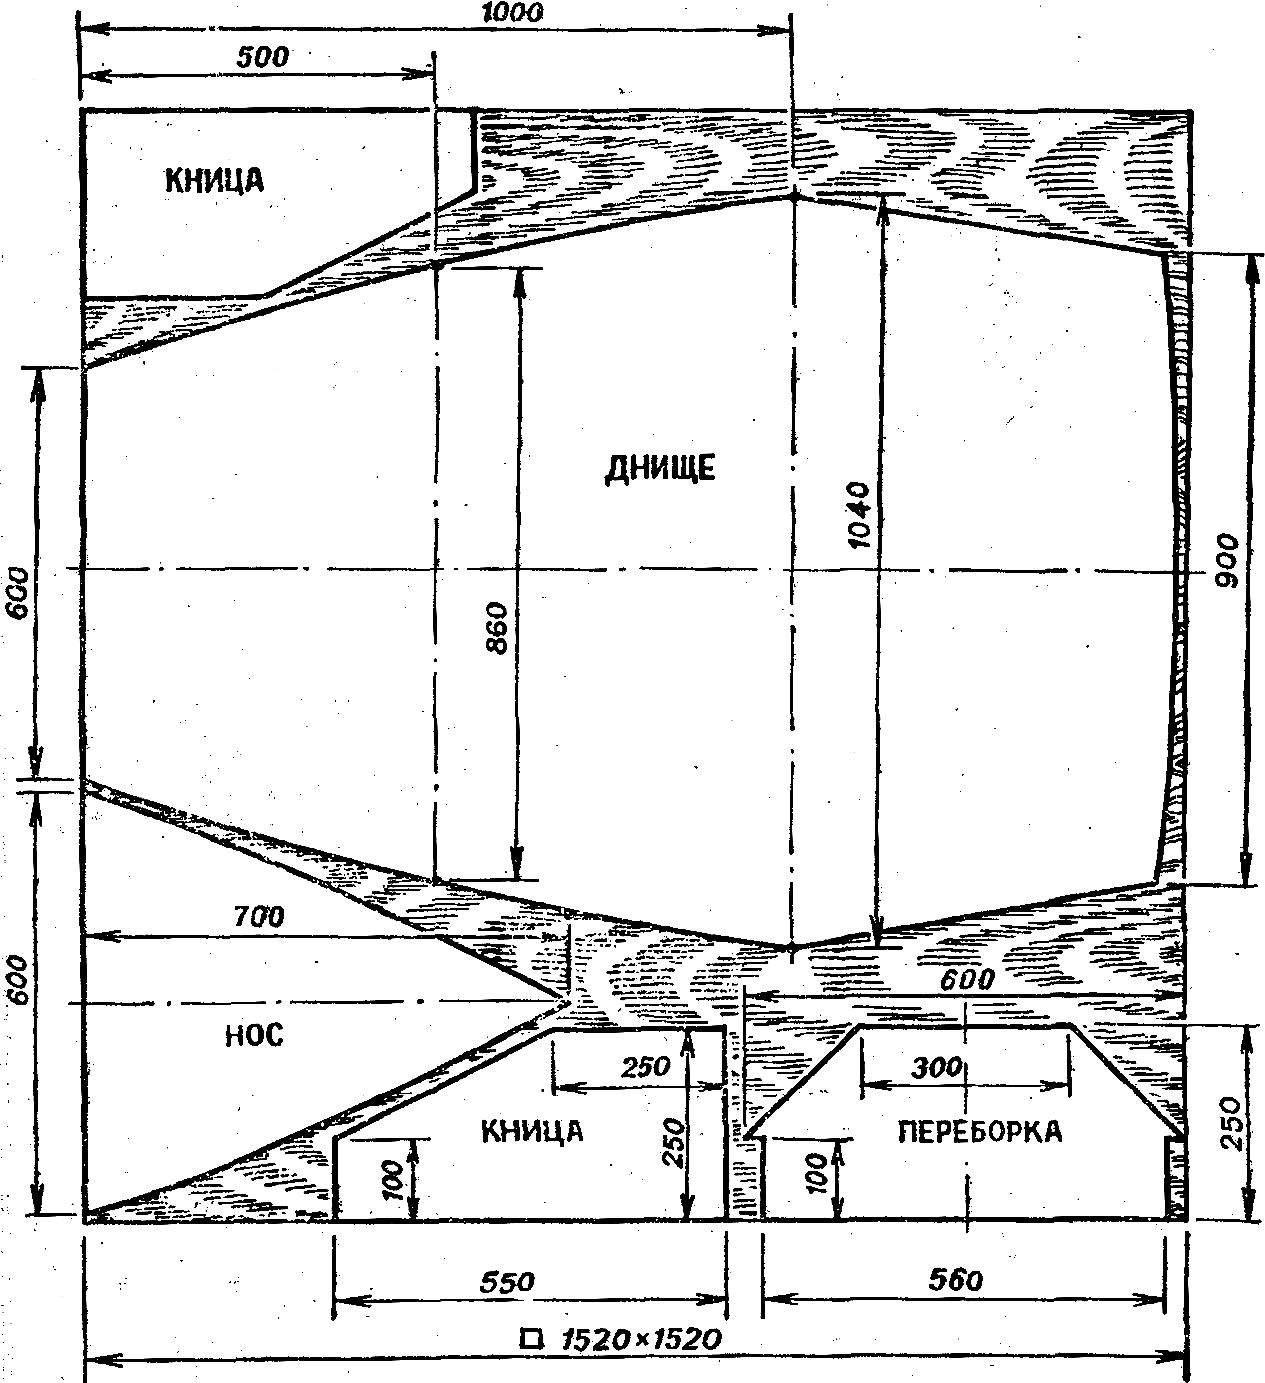 Рис. 8. Заготовки элементов корпуса и схема их раскроя из листа фанеры.